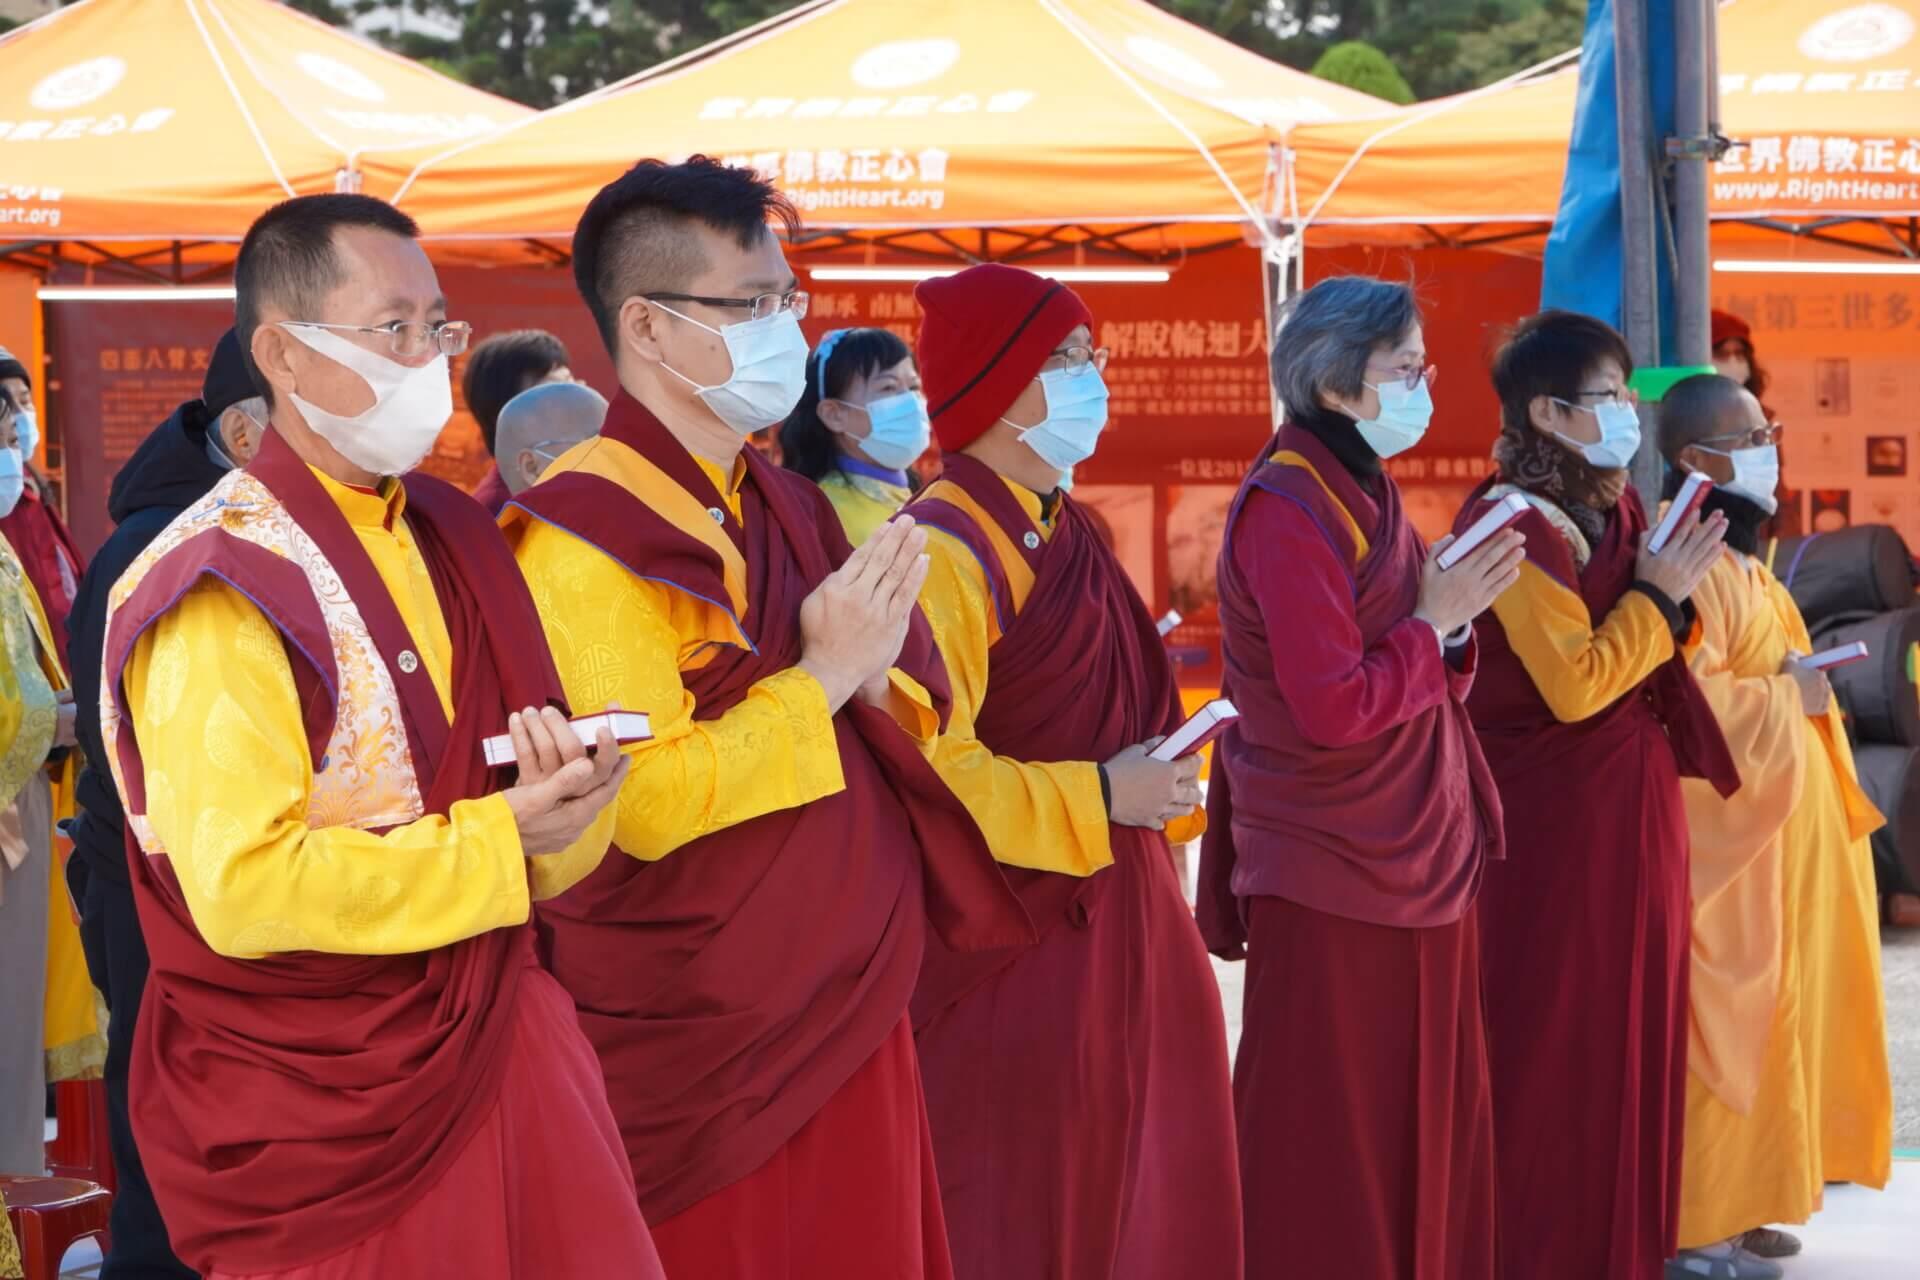 行動佛殿117站台北中正紀念堂,啟建全球冠狀病毒流感遠離息沒消災祈福法會